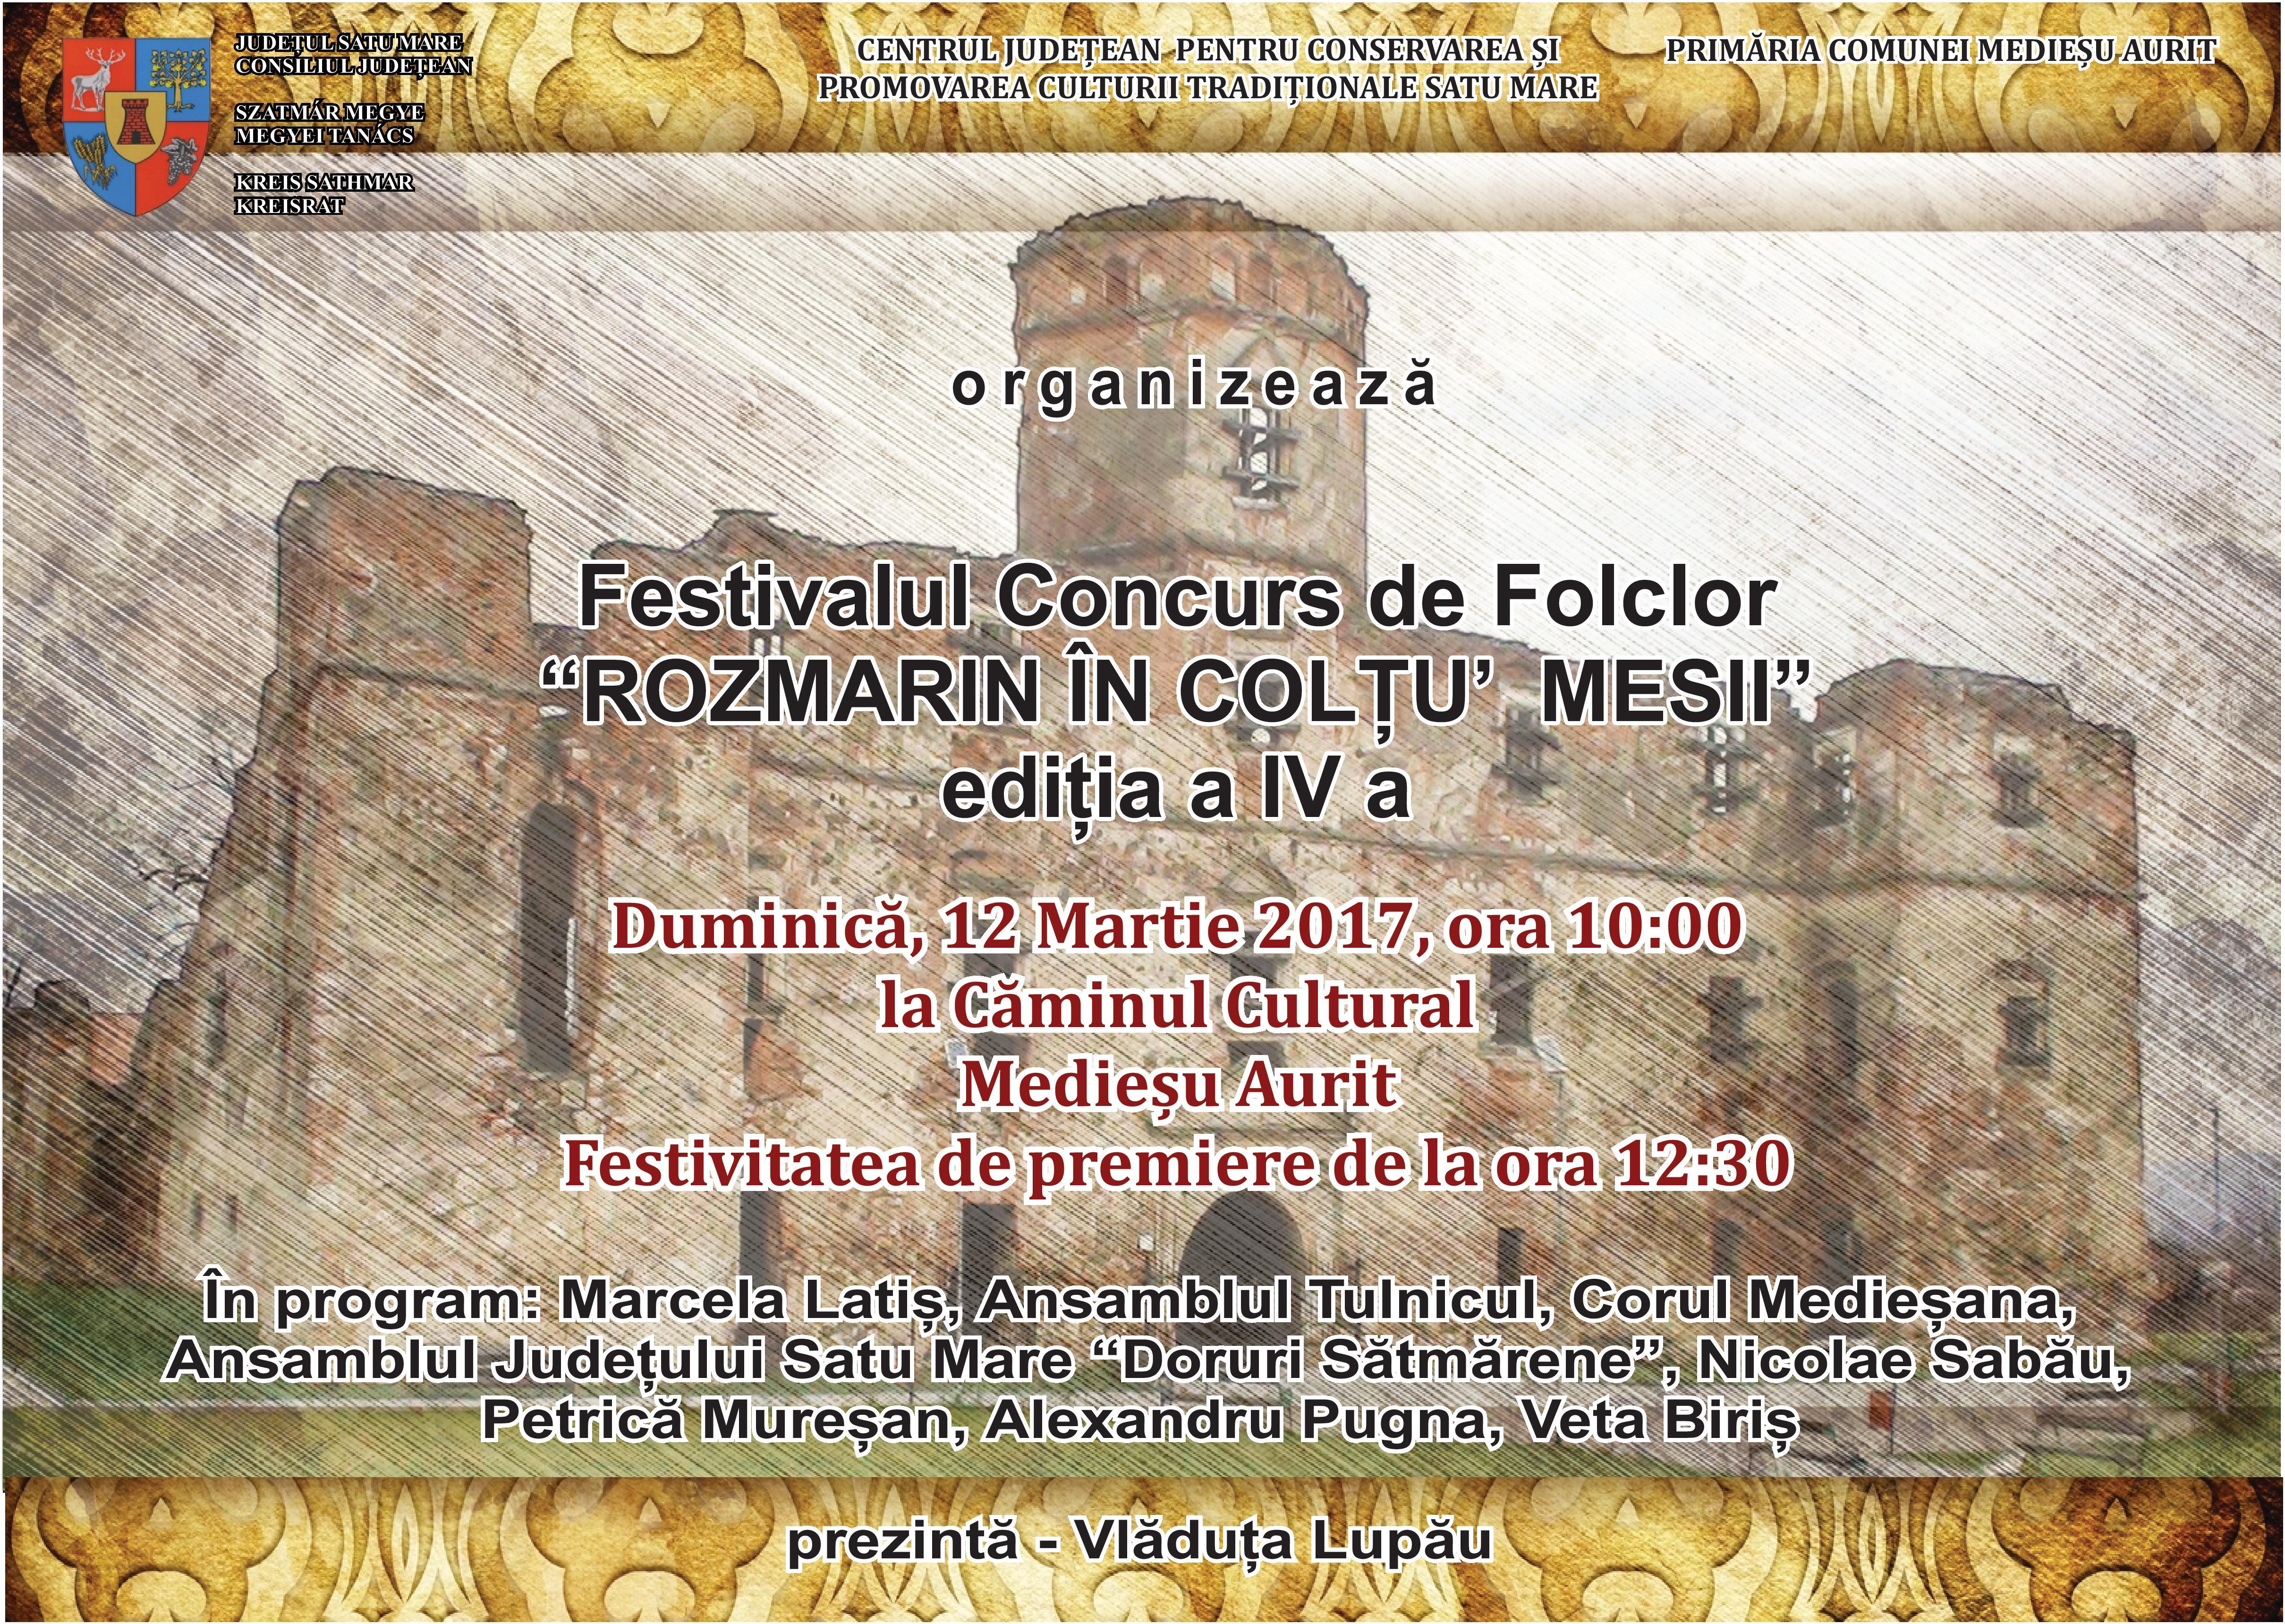 """Festivalul concurs de folclor """"Rozmarin în colţu' mesii"""" a ajuns la cea de-a IV a ediție"""